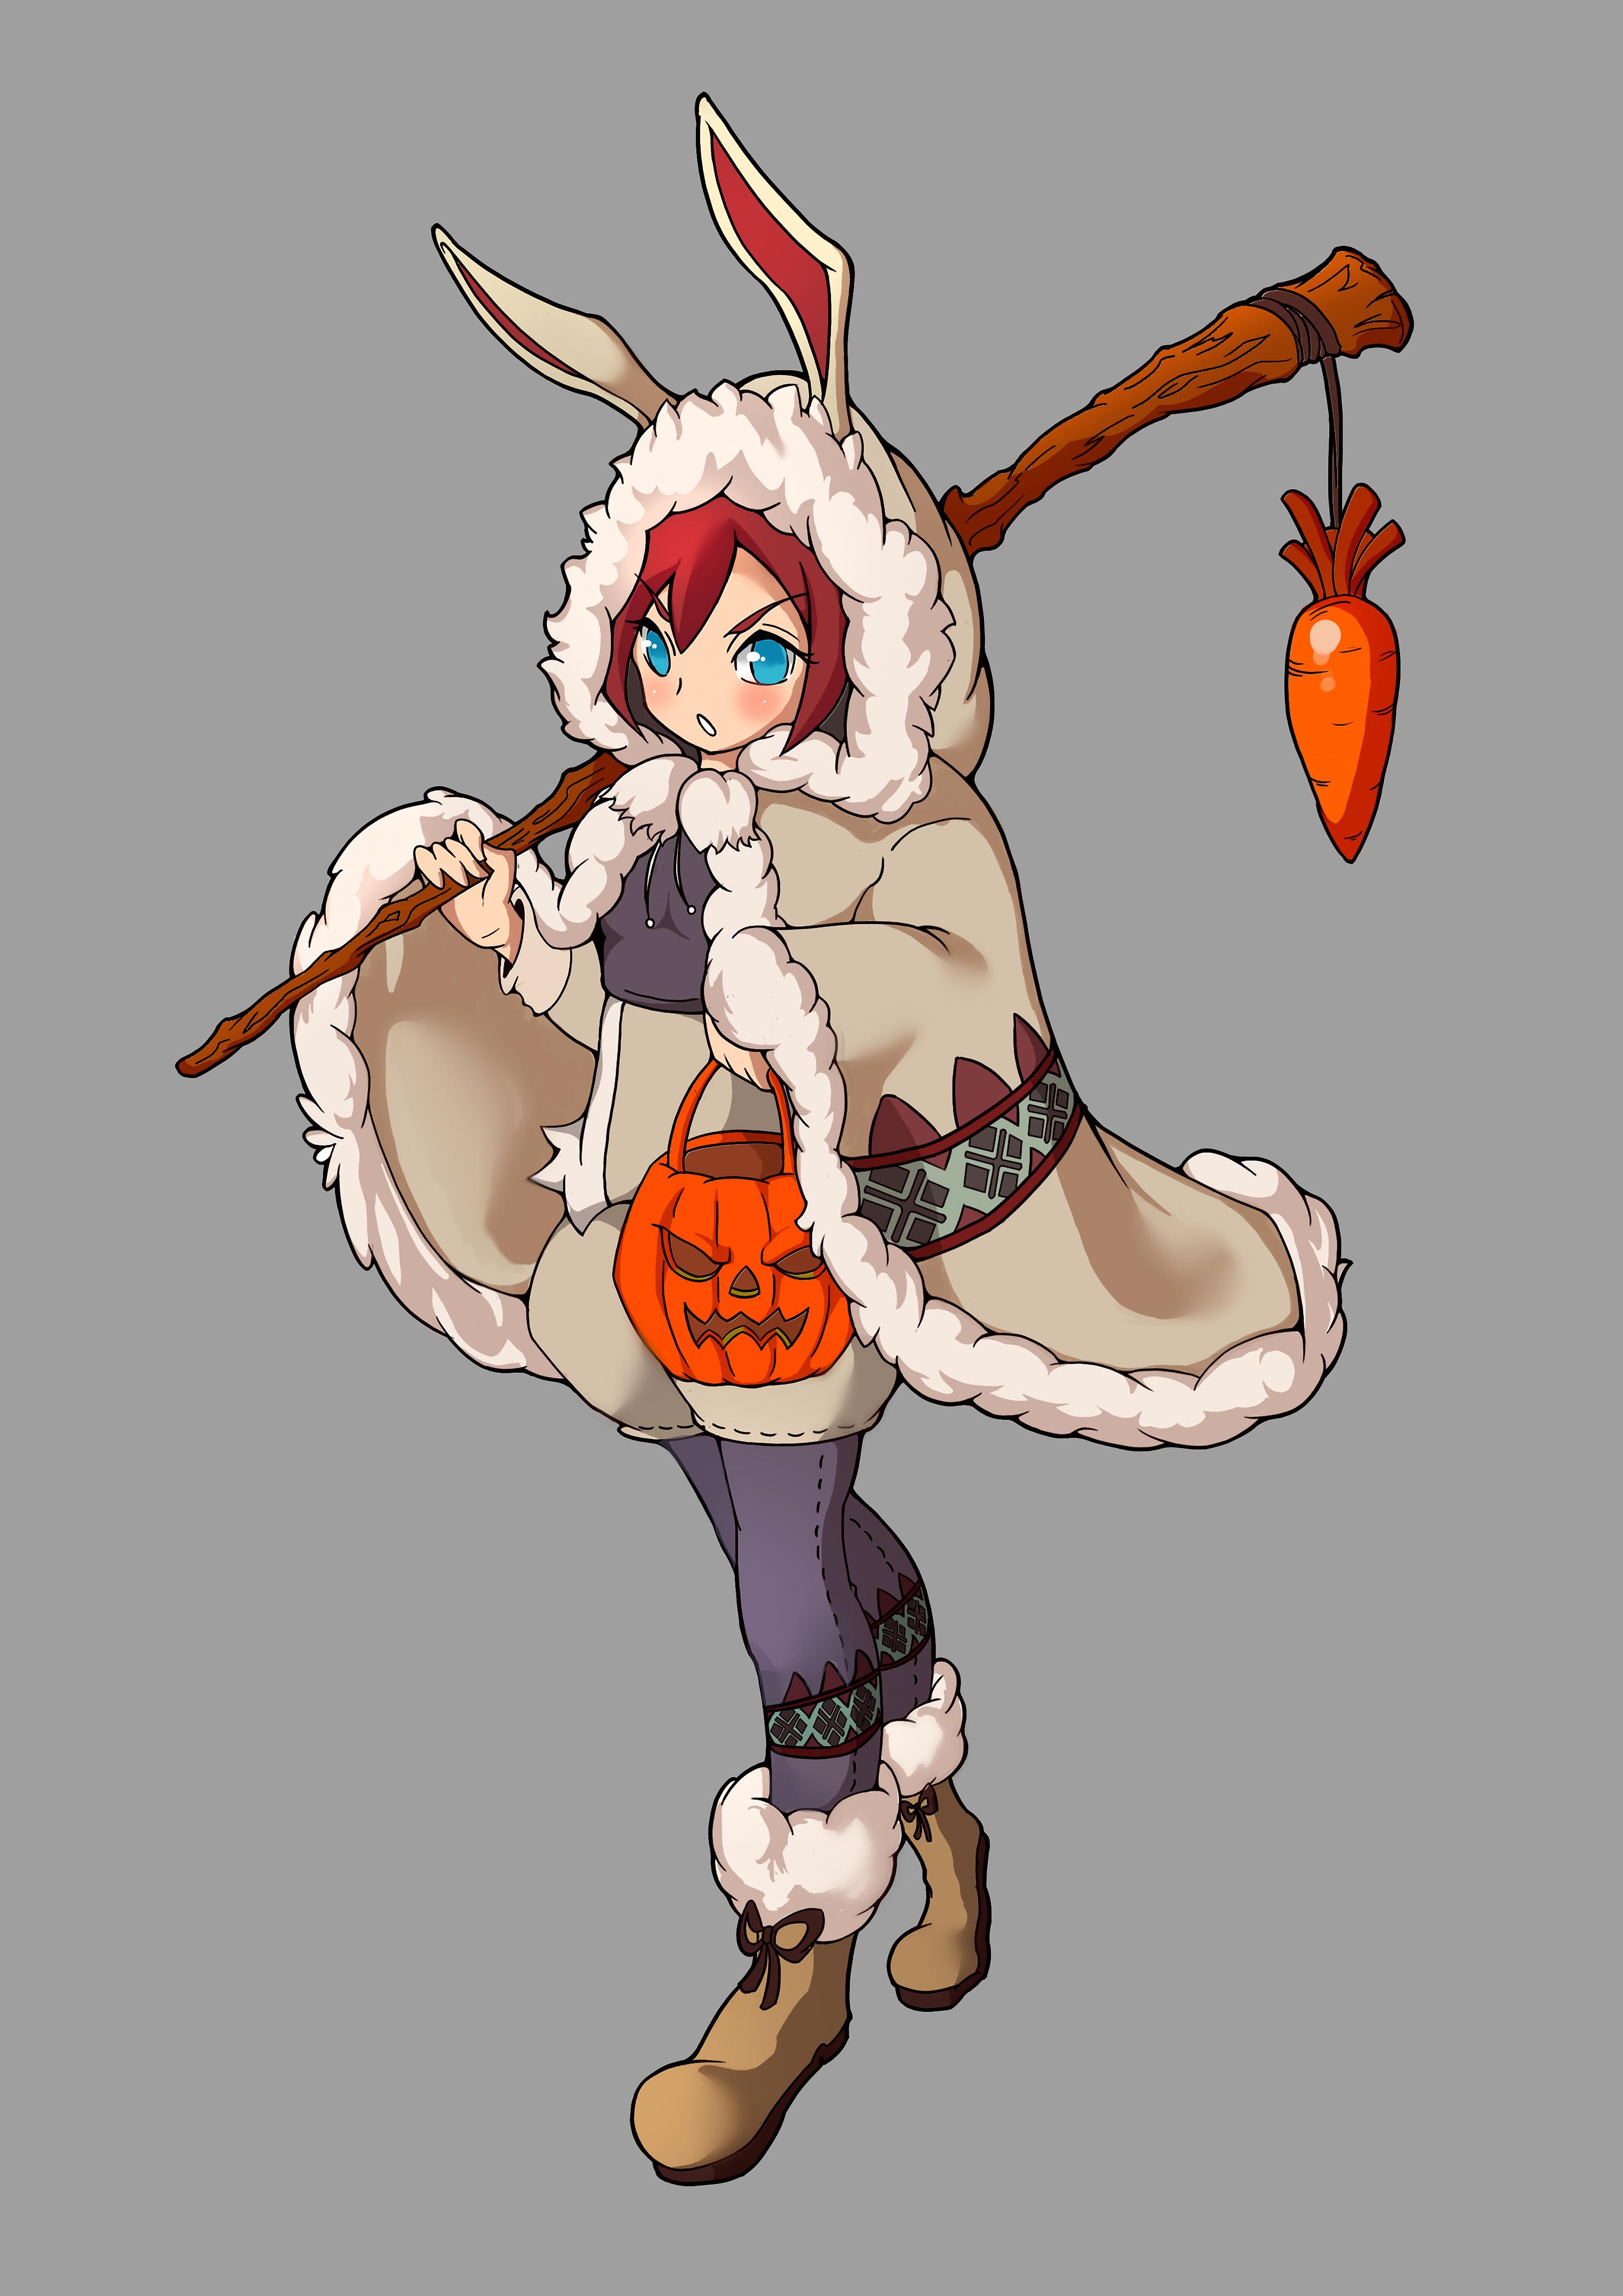 个人原画作品-兔娘